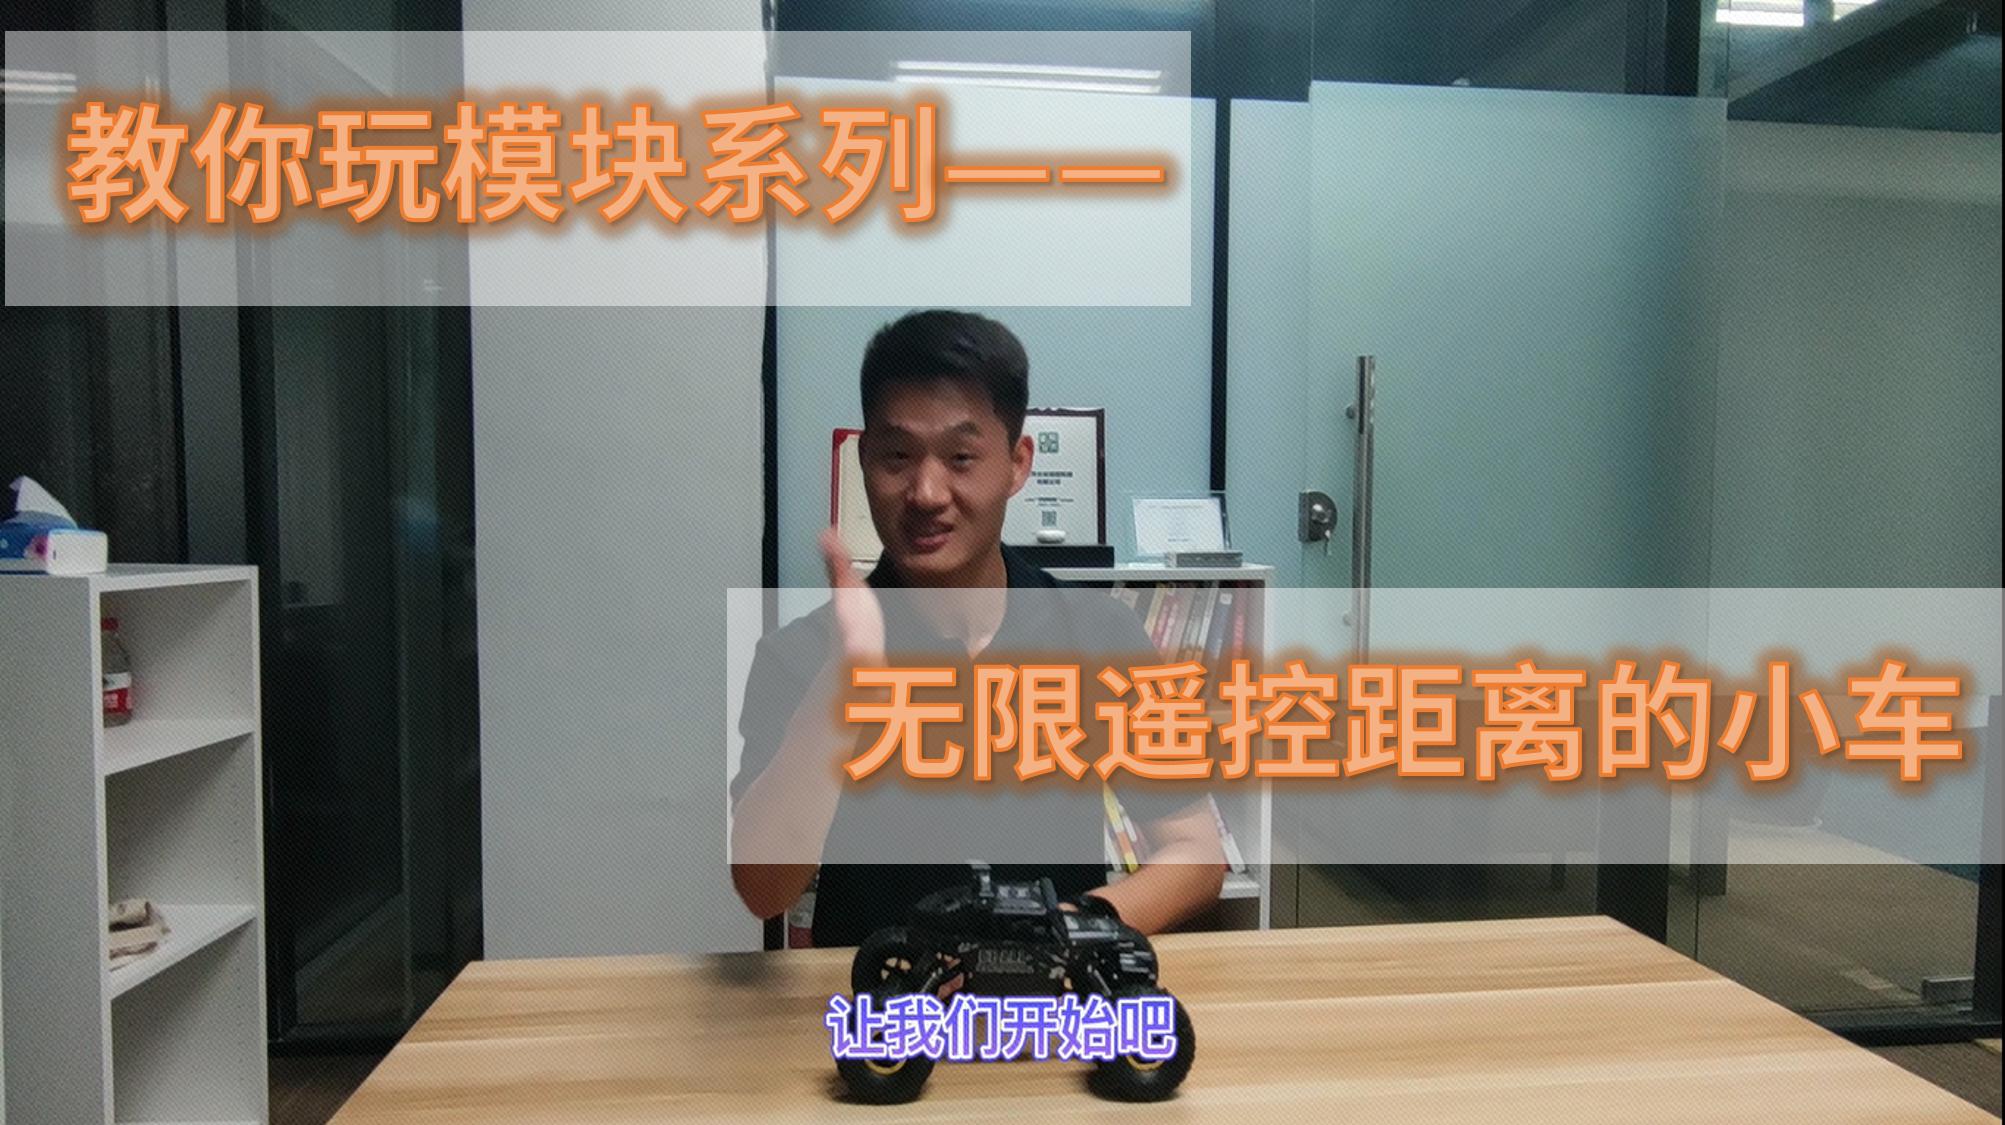 雪峰教你玩模块---无限遥控距离的小车是什么体验